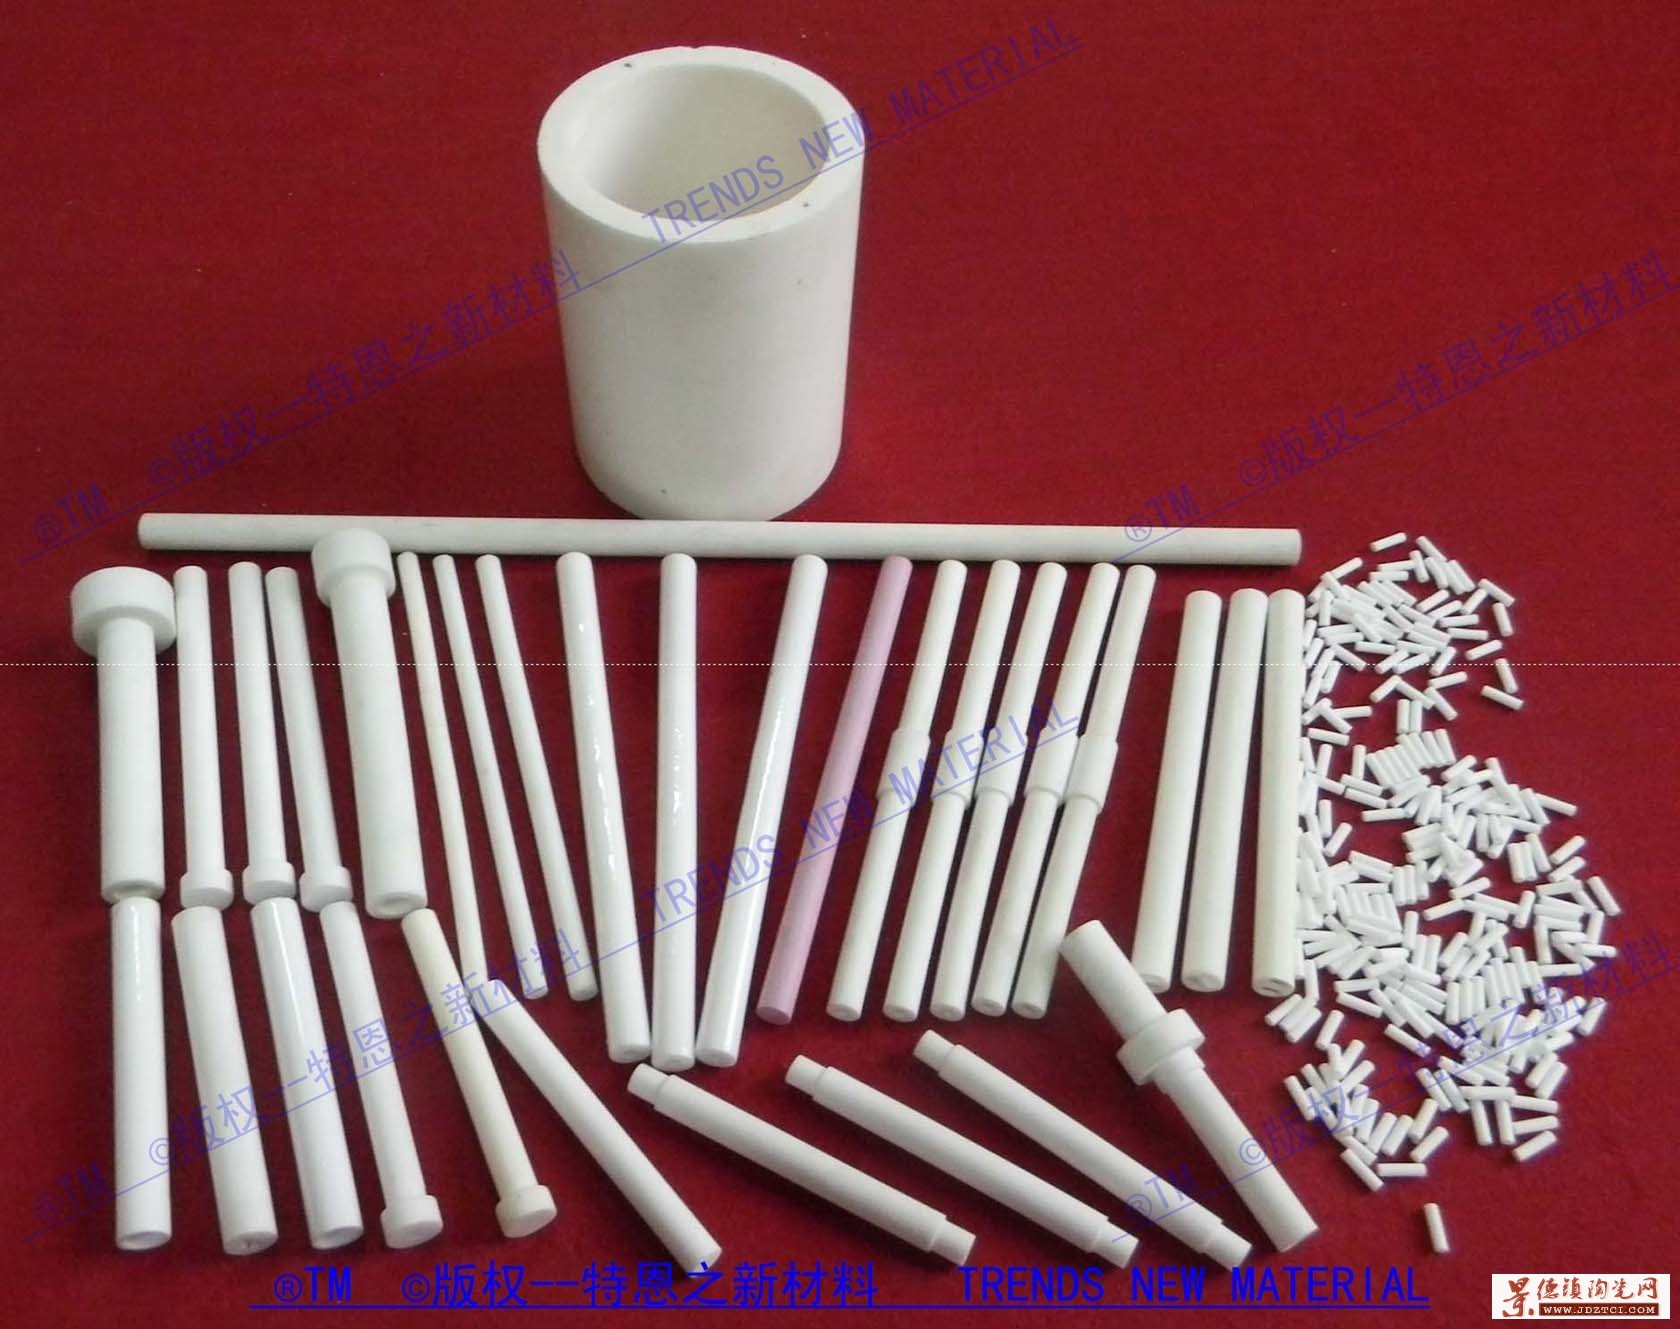 氧化铝陶瓷管、棒,本公司专业生产氧化铝陶瓷、耐磨陶瓷、陶瓷密封件